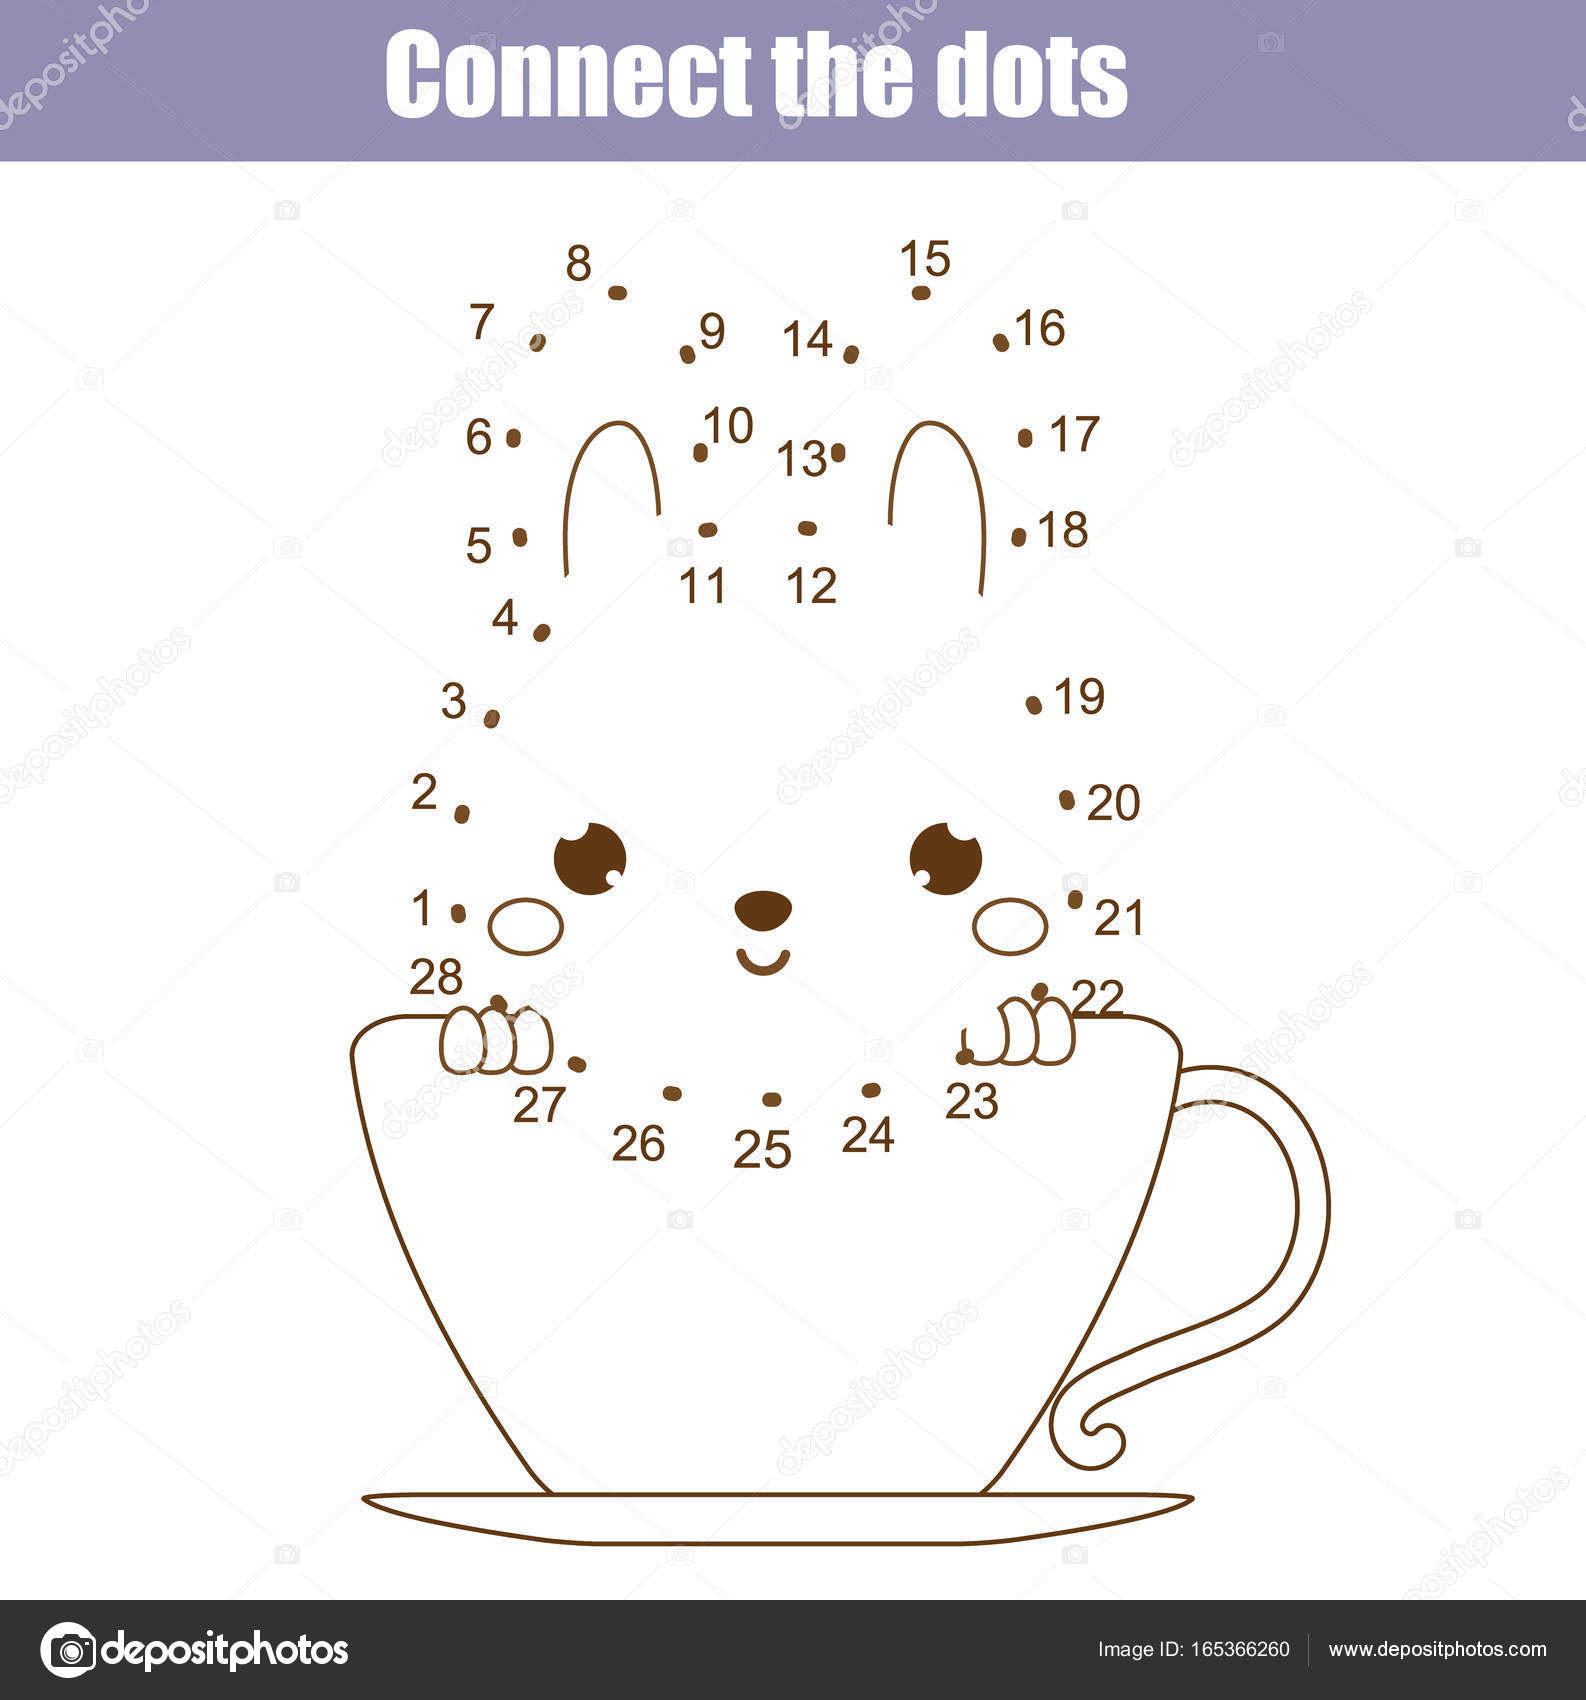 Malen Nach Zahlen Kostenlos Punkte Verbinden Einzigartig Verbinde Die Punkte Von Zahlen Kinder Lernspiel Druckbare Bestimmt Bild